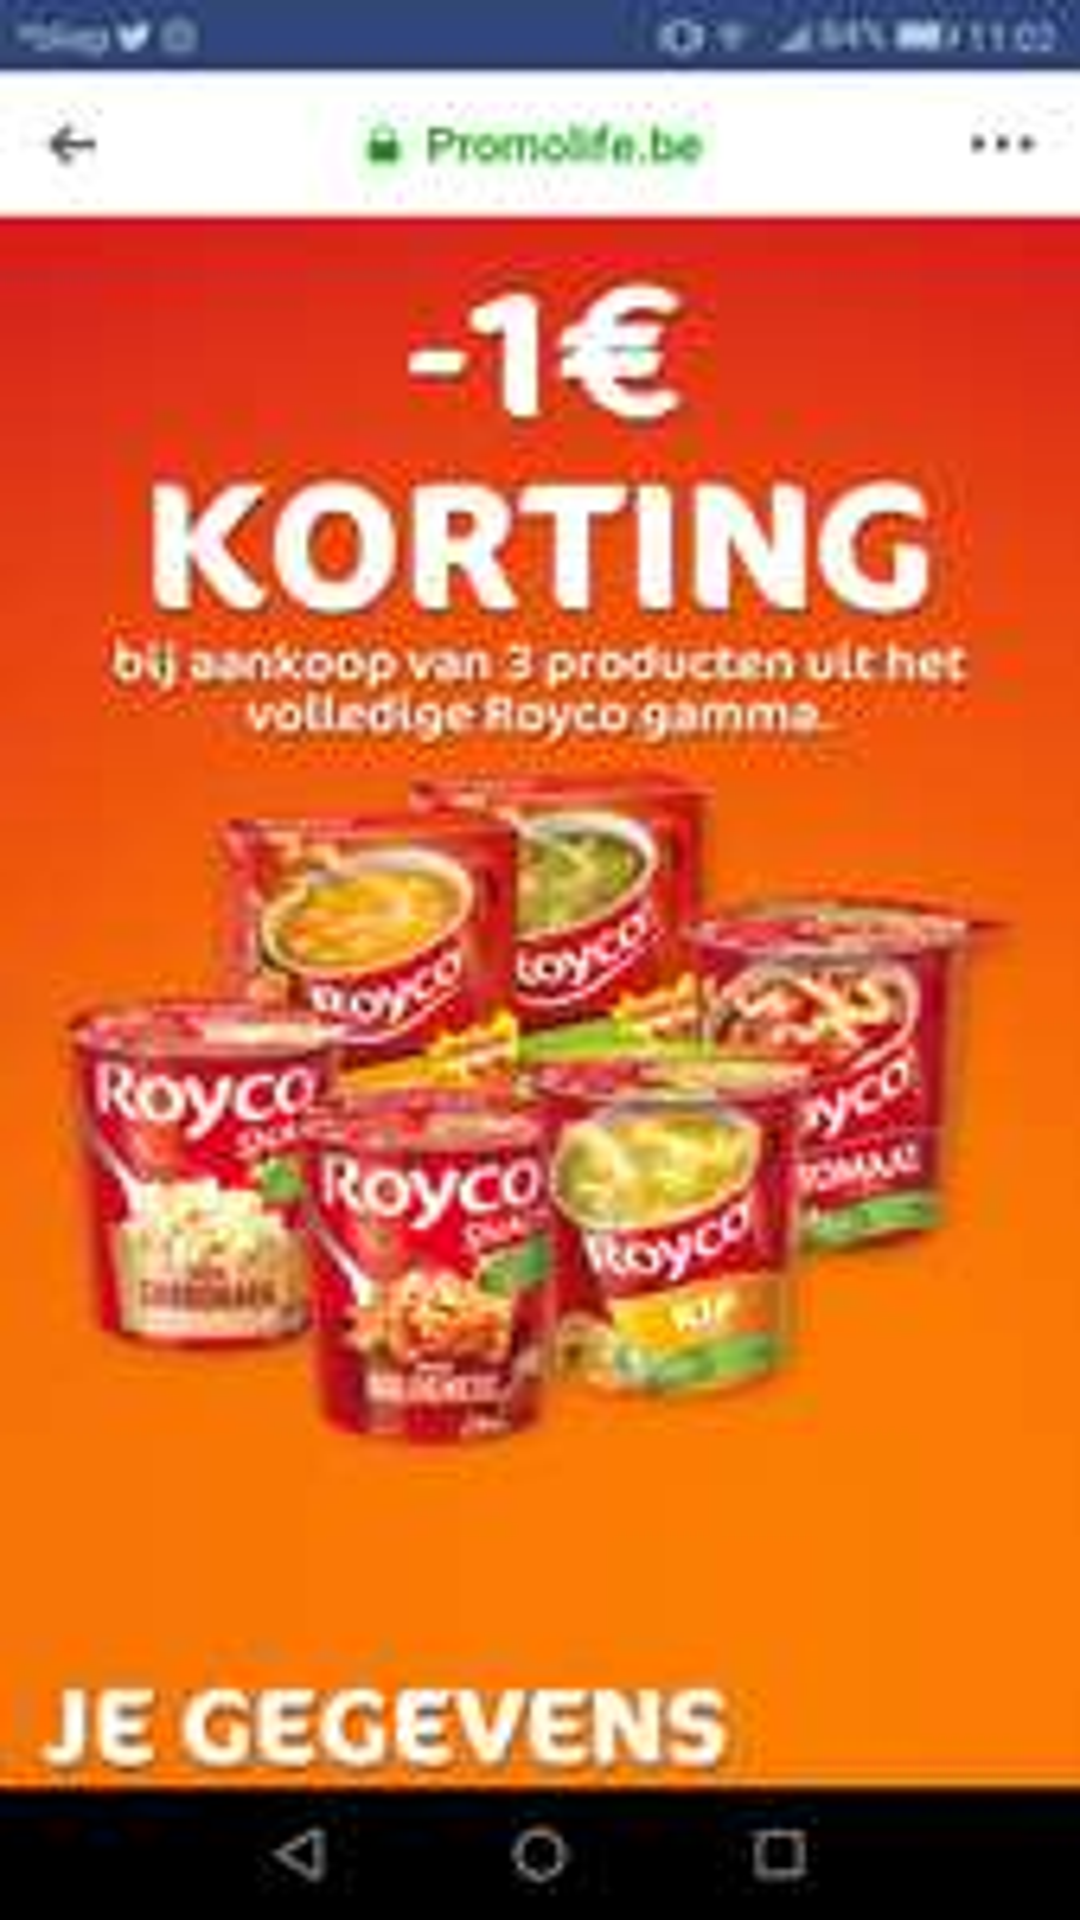 [Grensdeal België] Royco soep voor €0,41 ipv €1,98